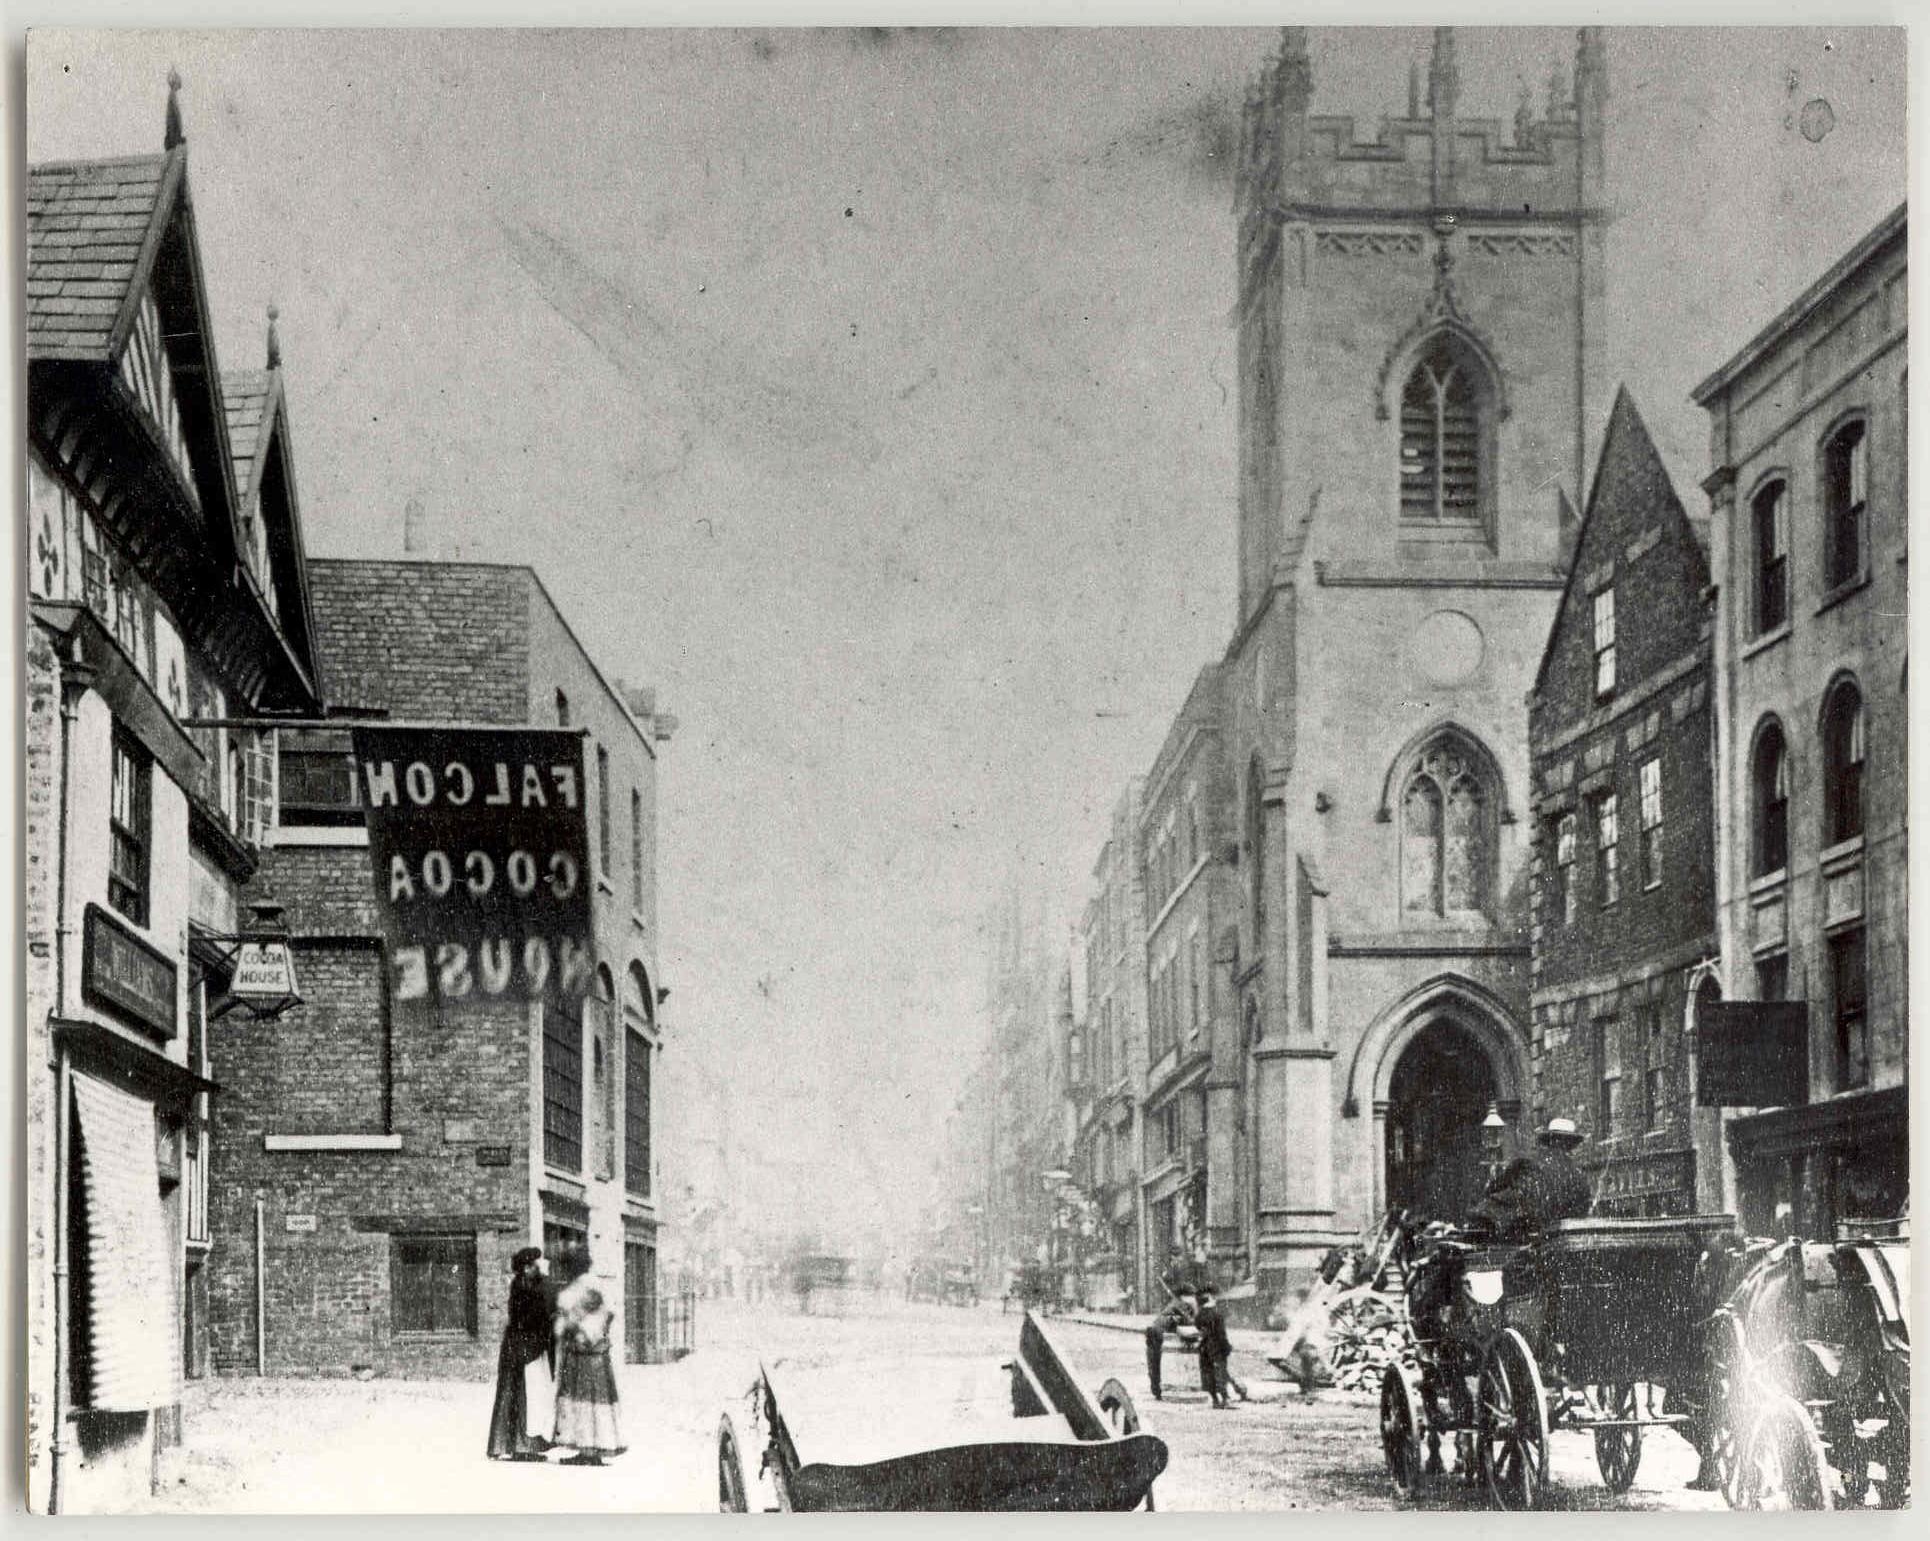 Chester Bridge Street Junction with Pepper St. & Grosvenor St.